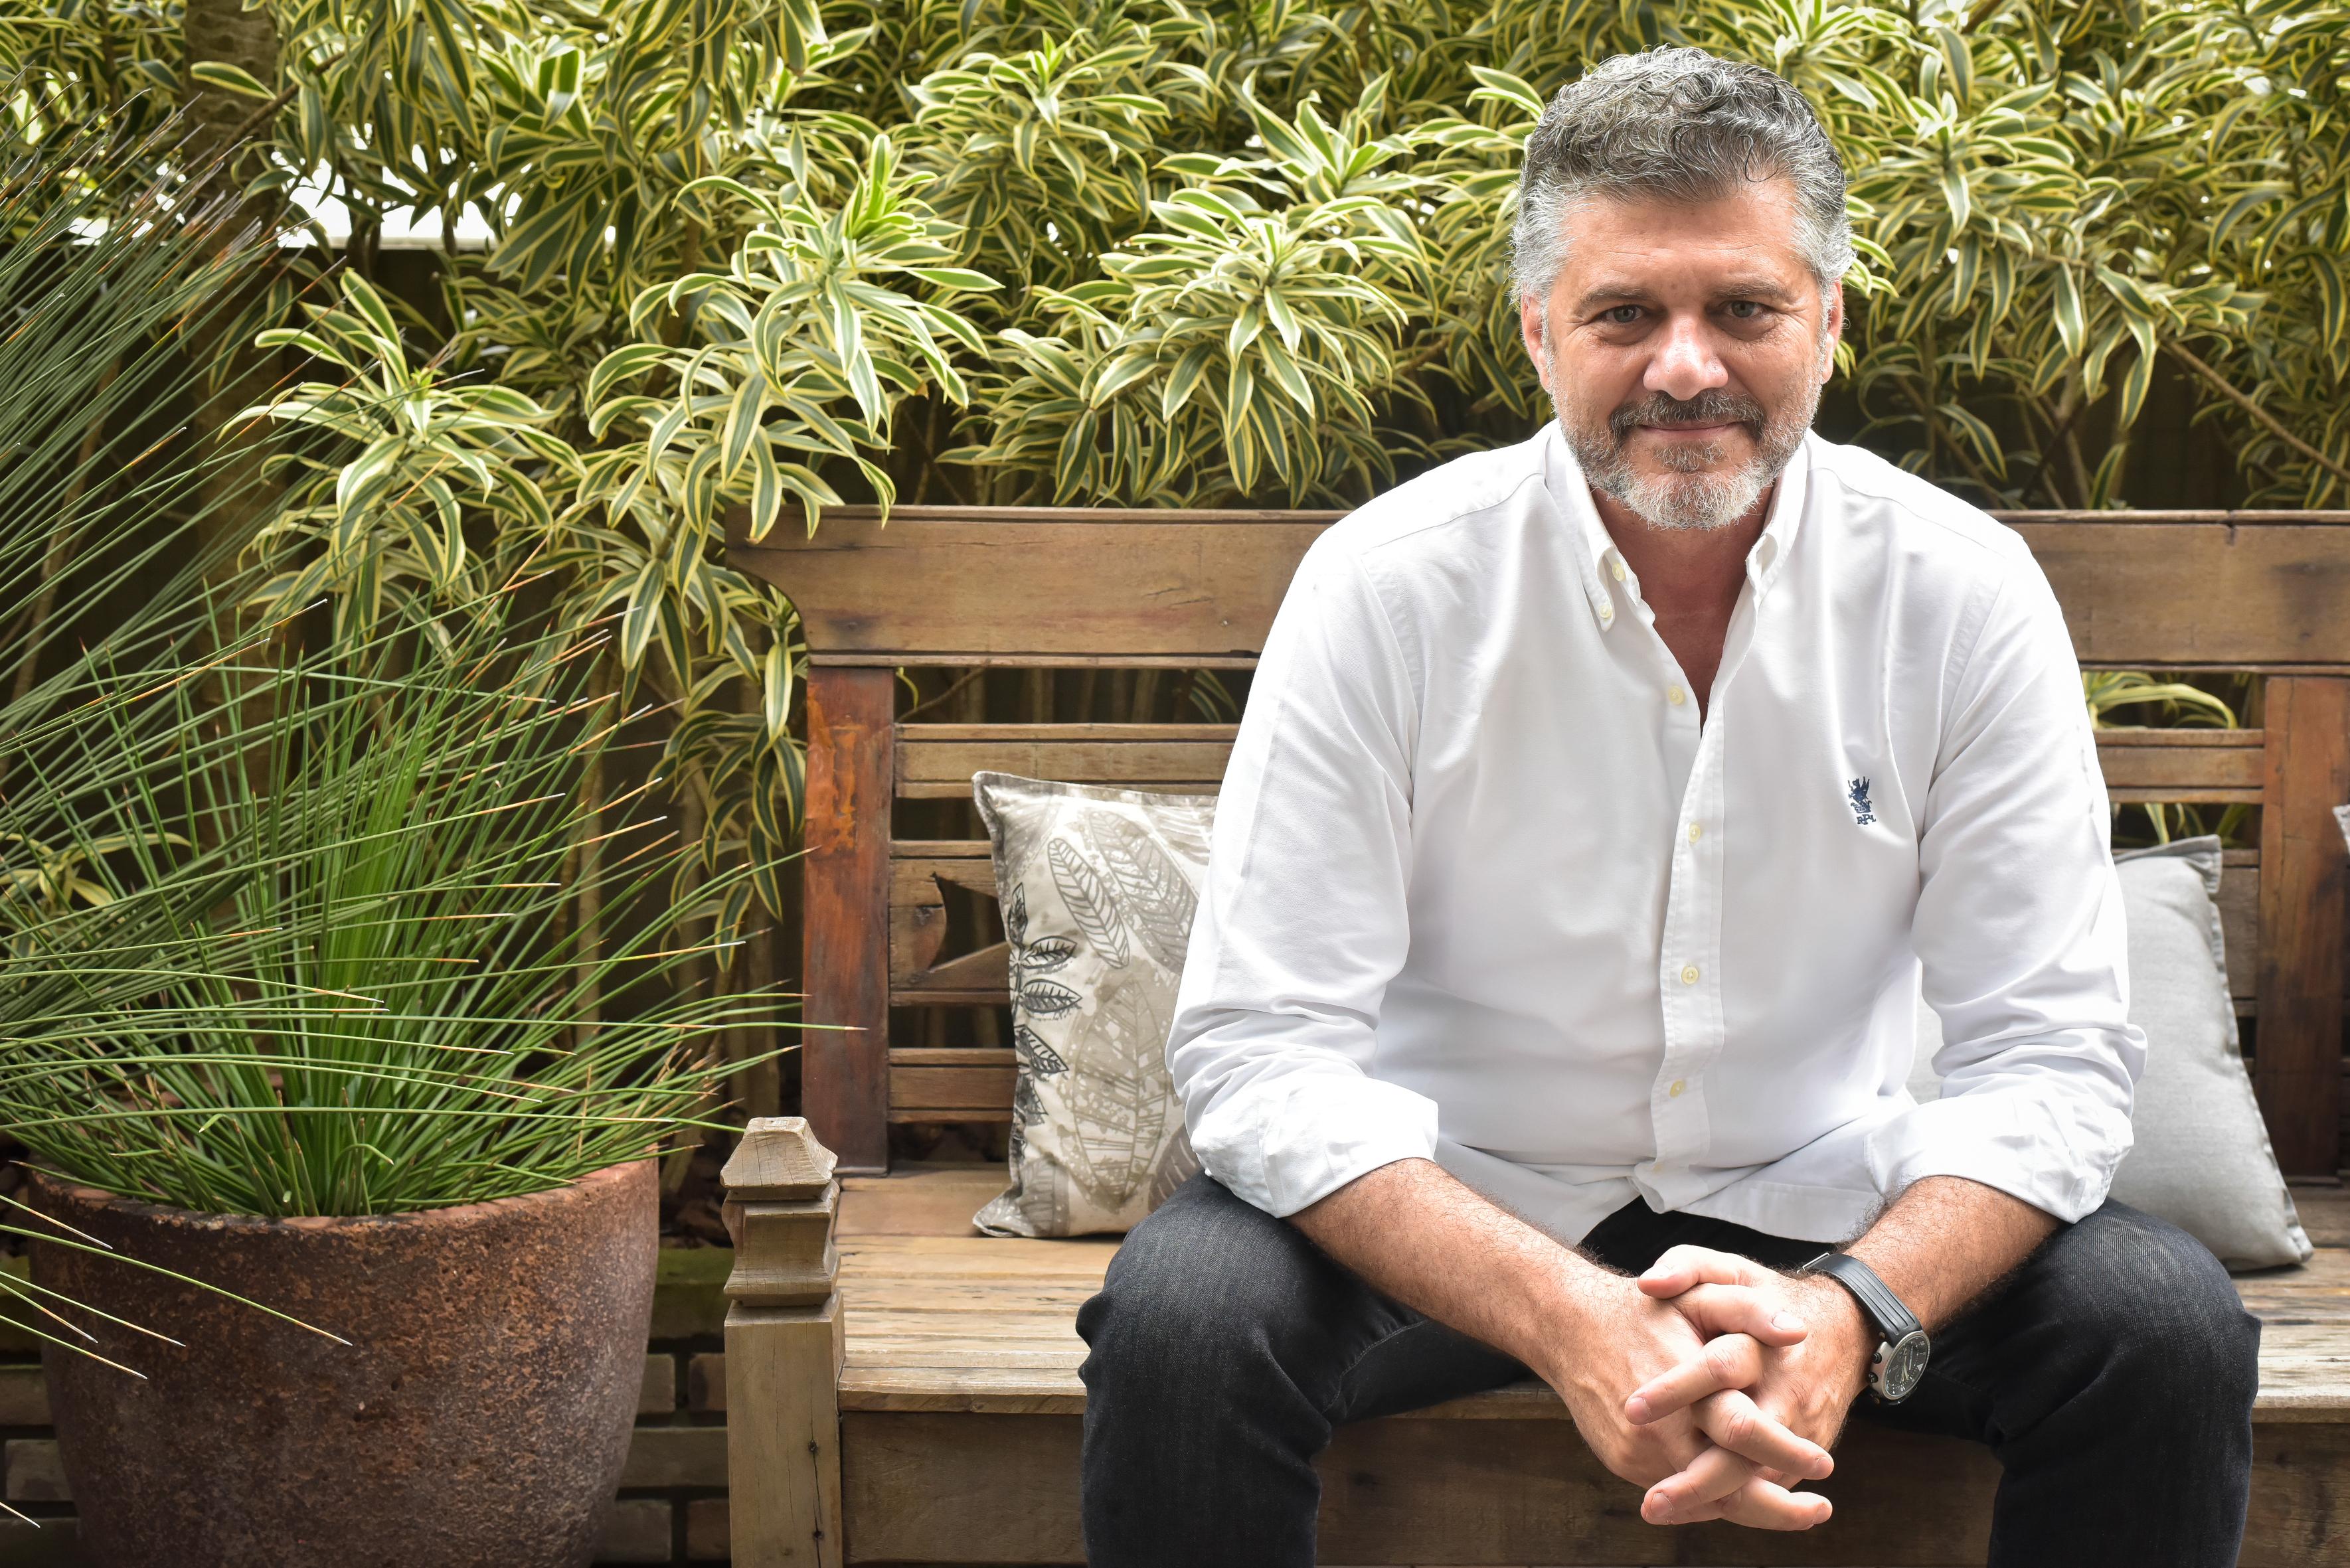 O empresário Fabrizio Giannone que aterrissa em Campo Grande no próximo dia 21 (terça-feira) para o lançamento da coleção Inverno 2017.